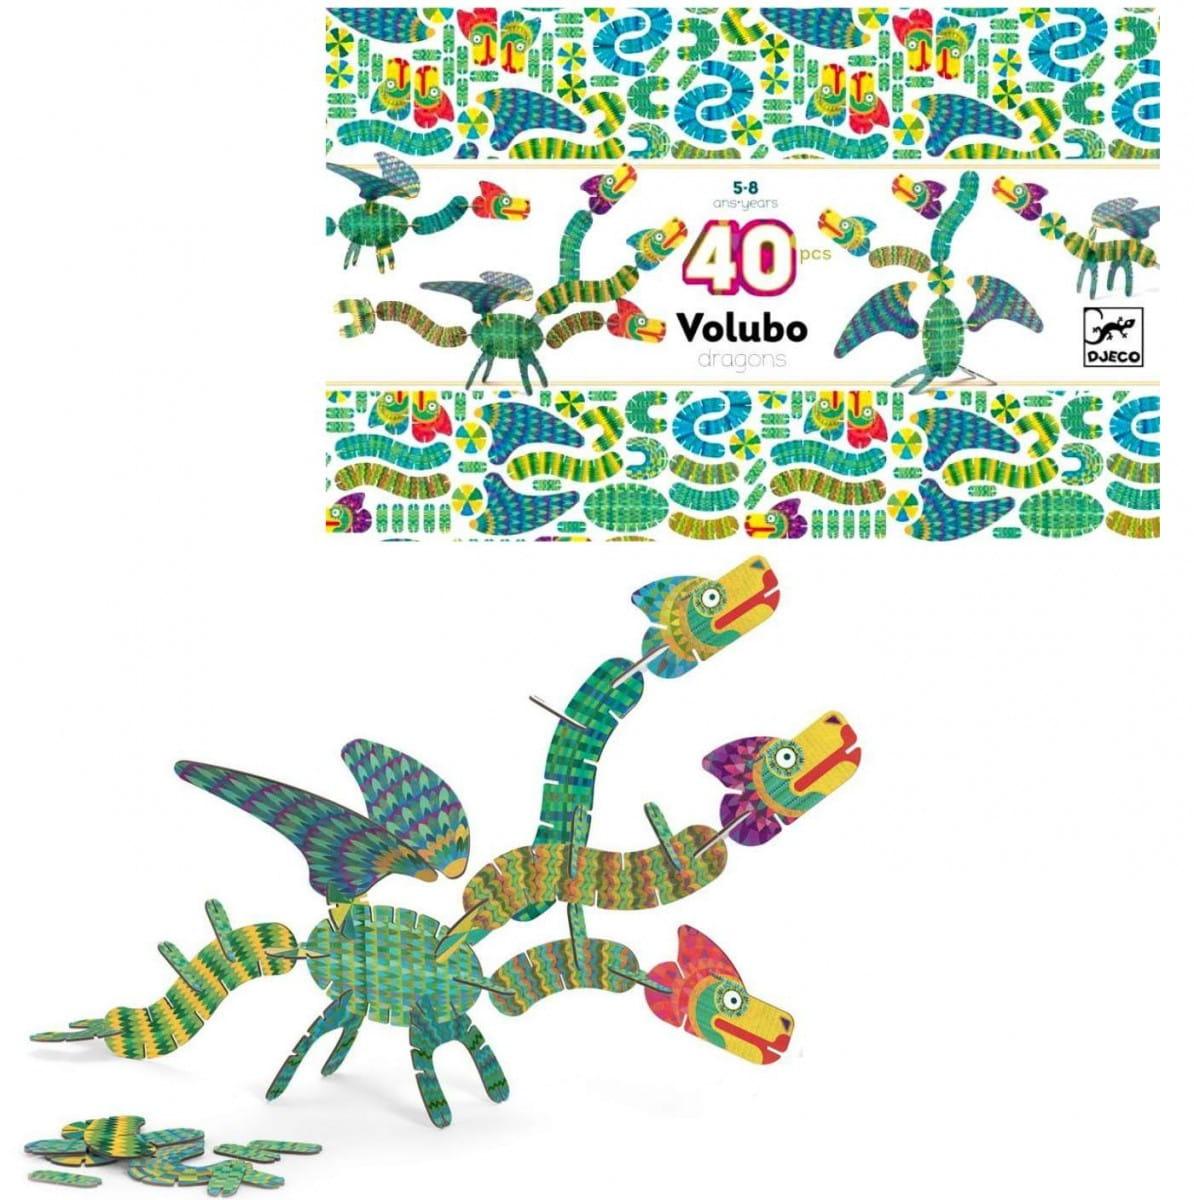 Объемный 3D-пазл DJECO Дракон - 3D-пазлы